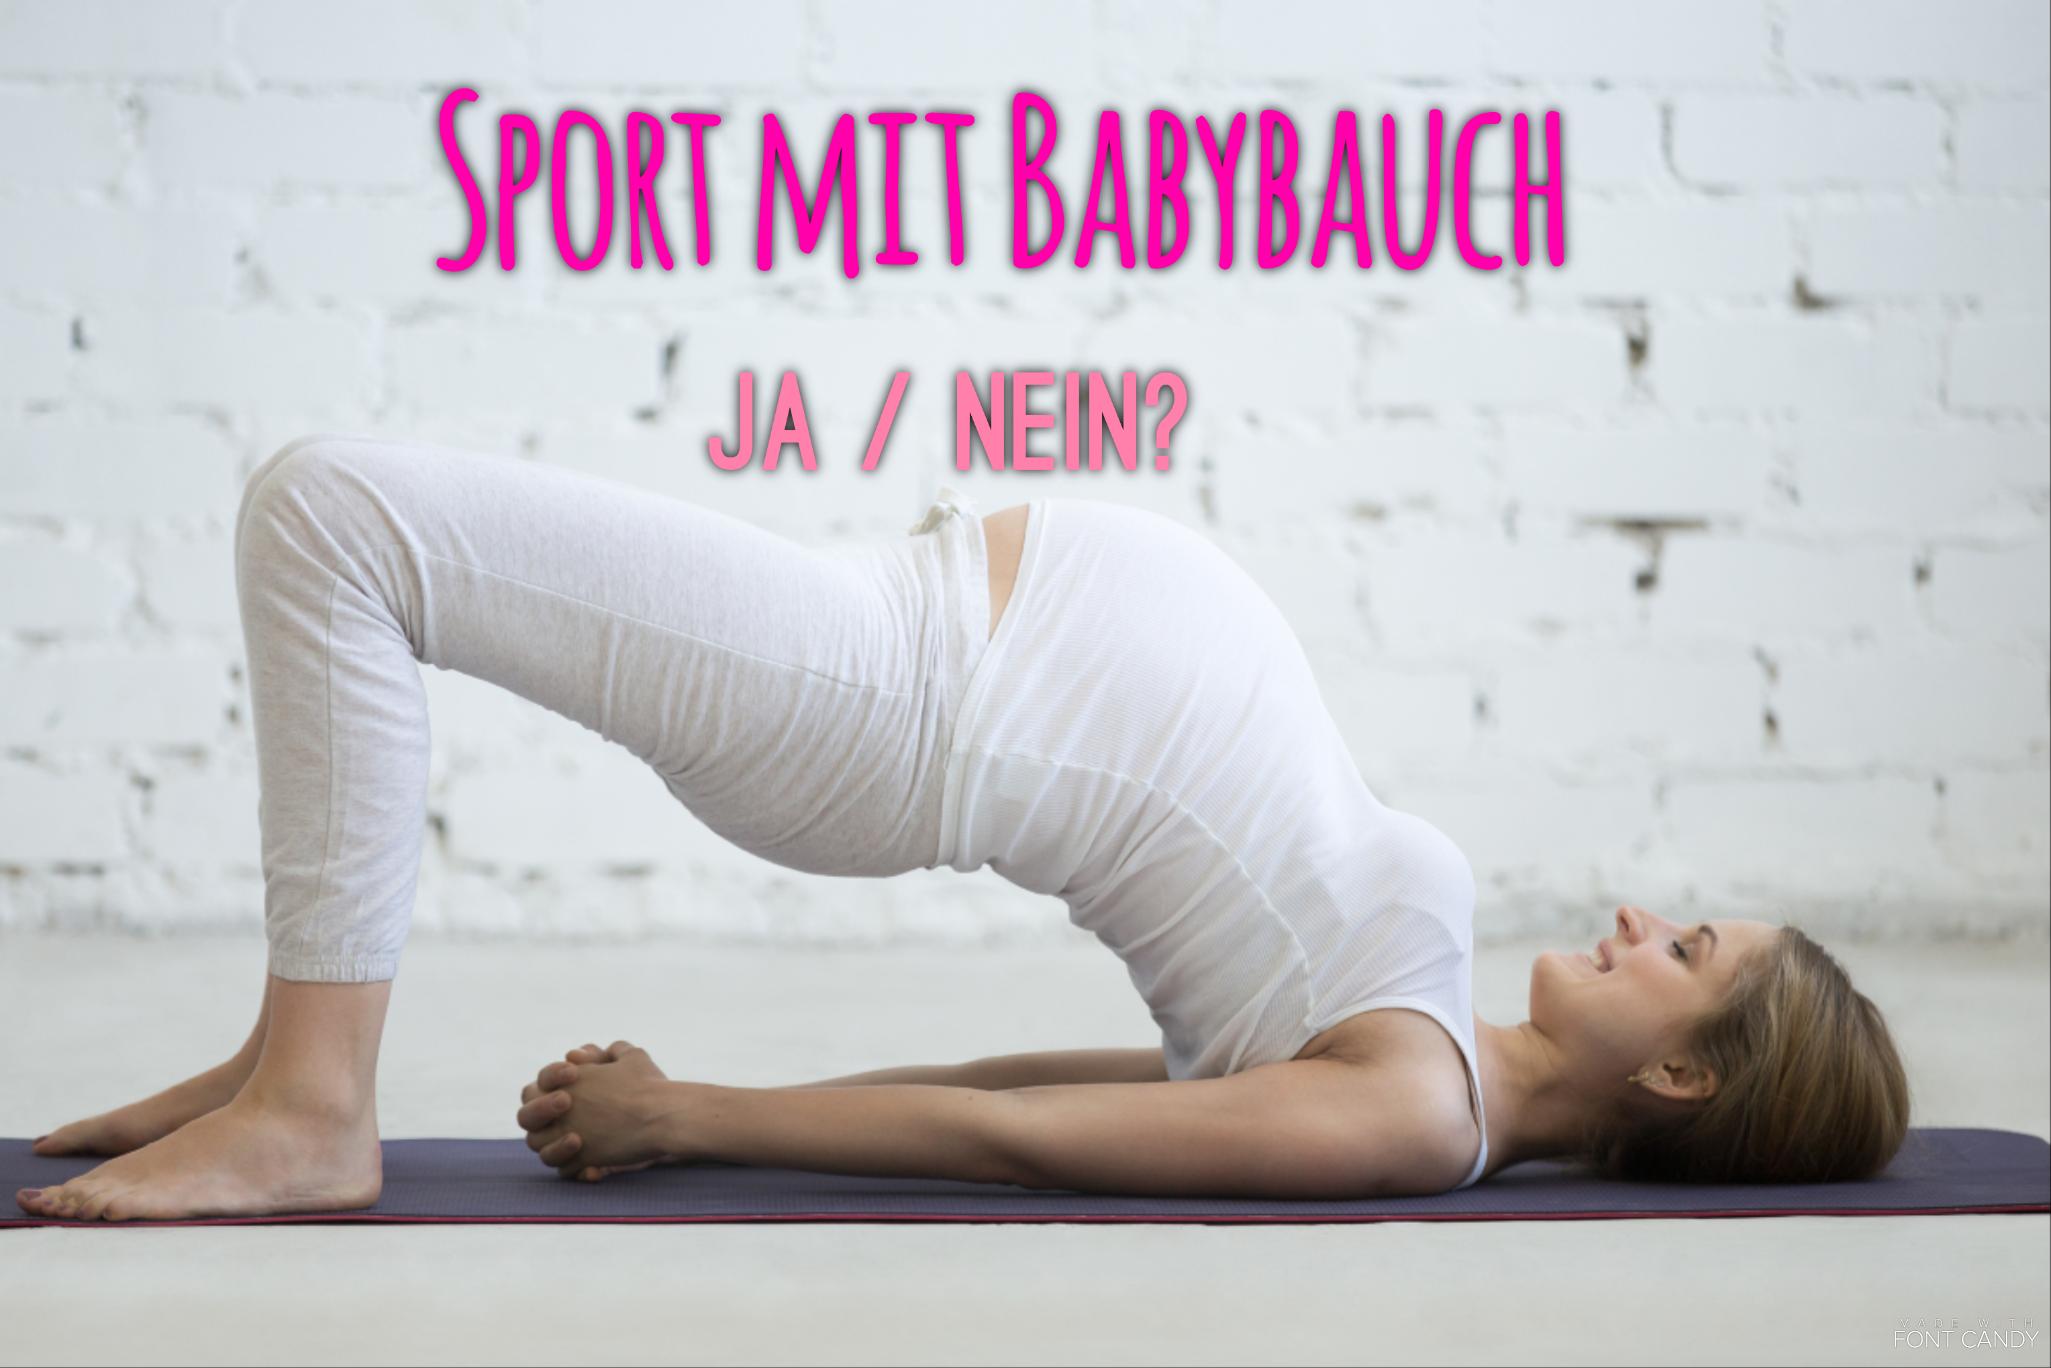 Sport während der Schwangerschaft? Ja / Nein